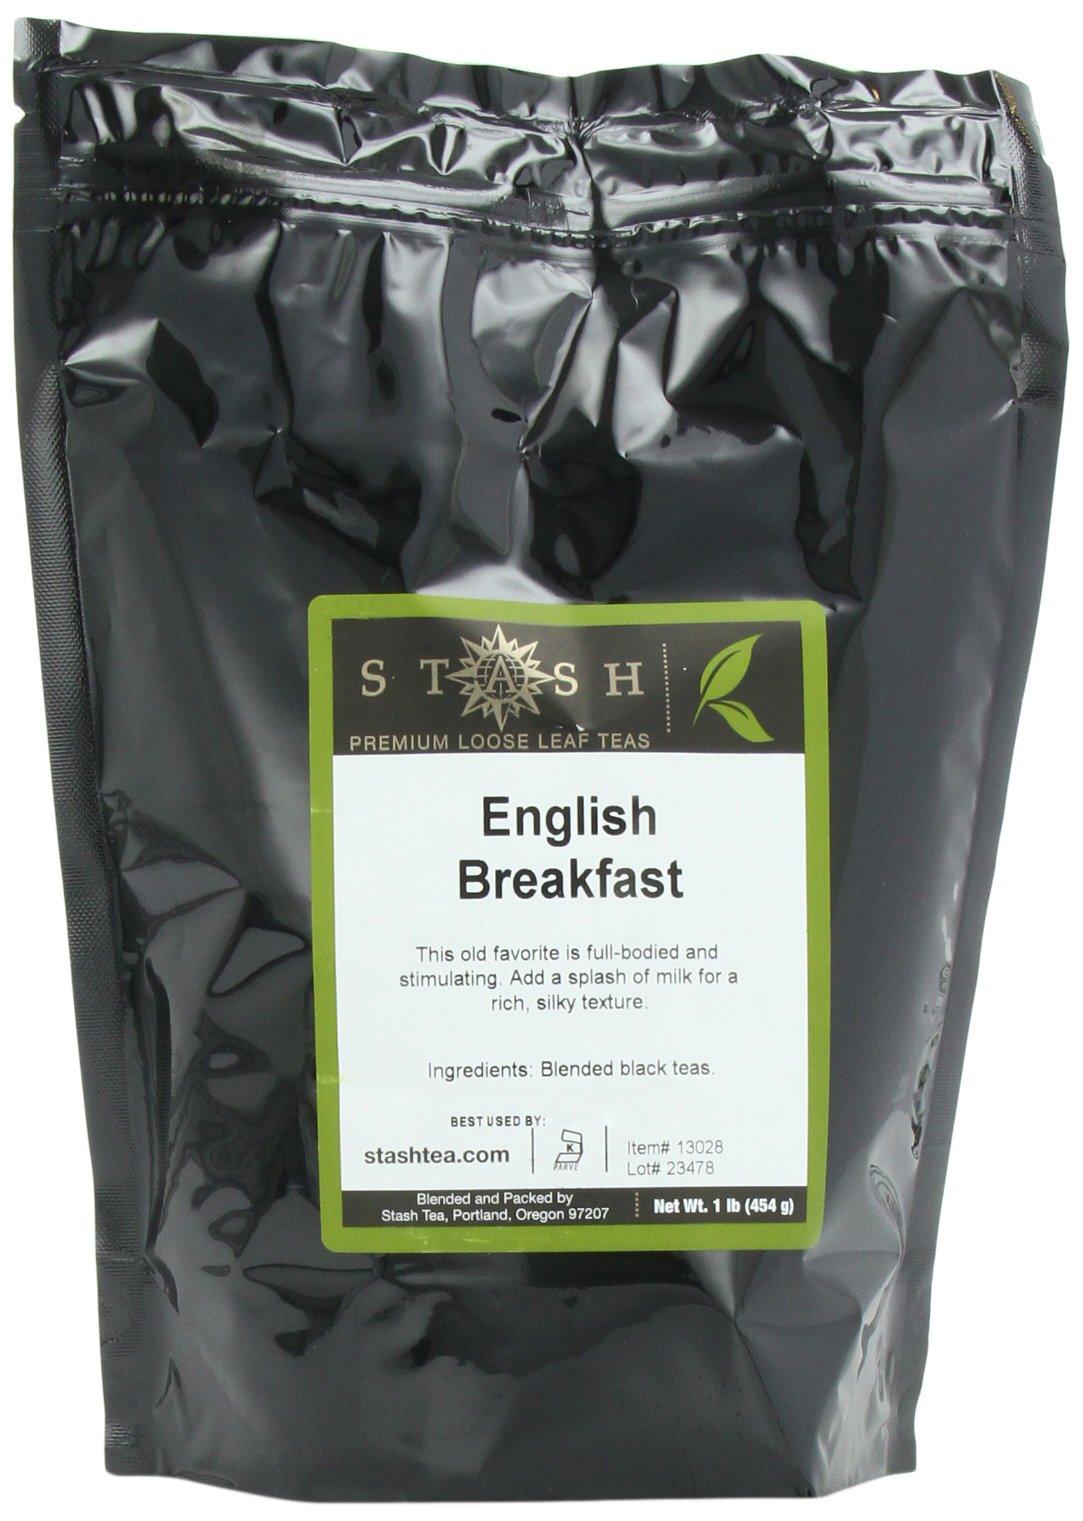 Stash Tea English Breakfast Loose Leaf Tea, 16 Ounce